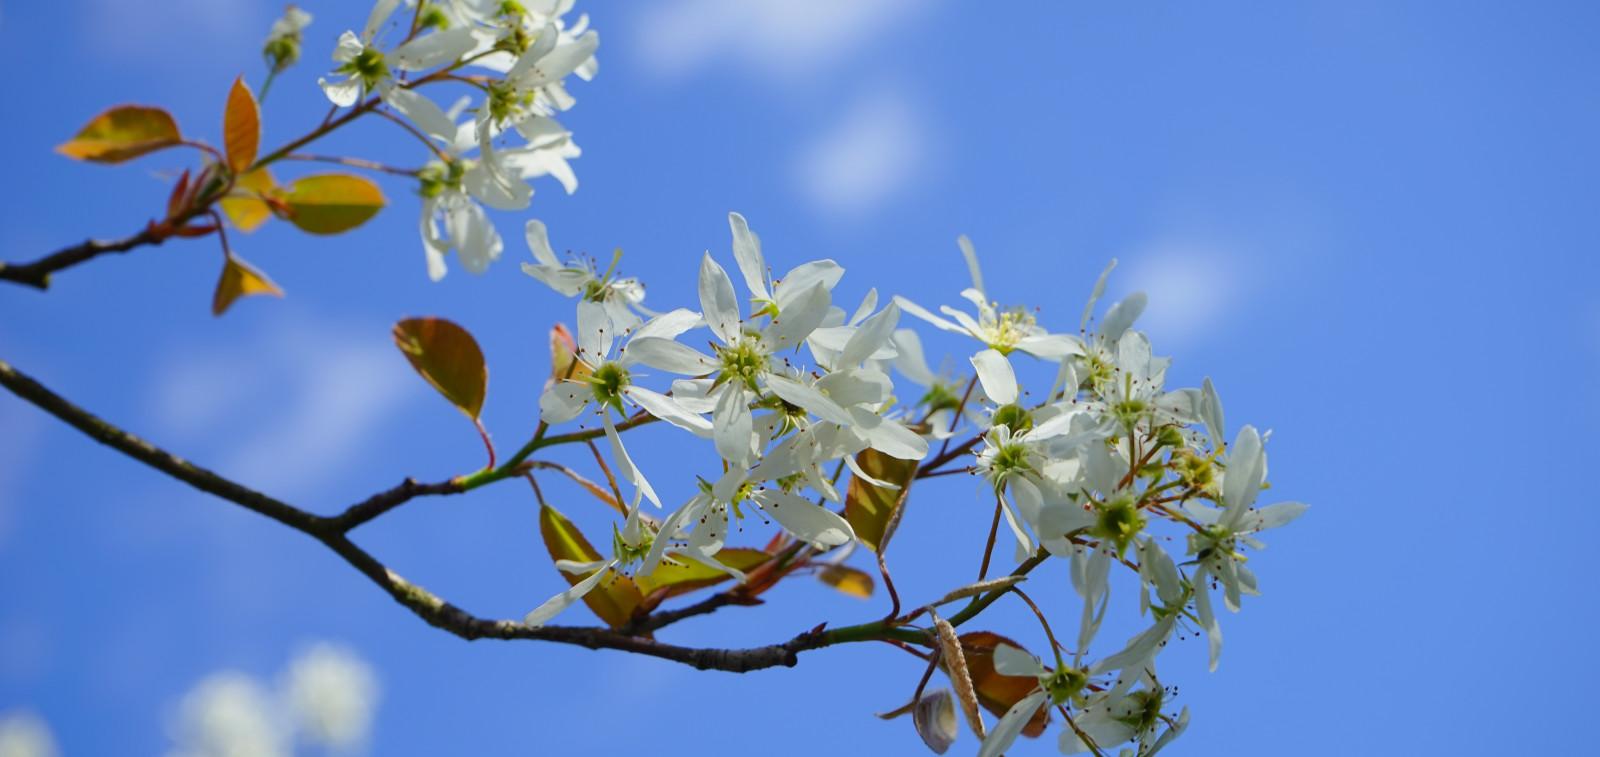 Kirsikkapuun kukkia sinisen taivaan alla.